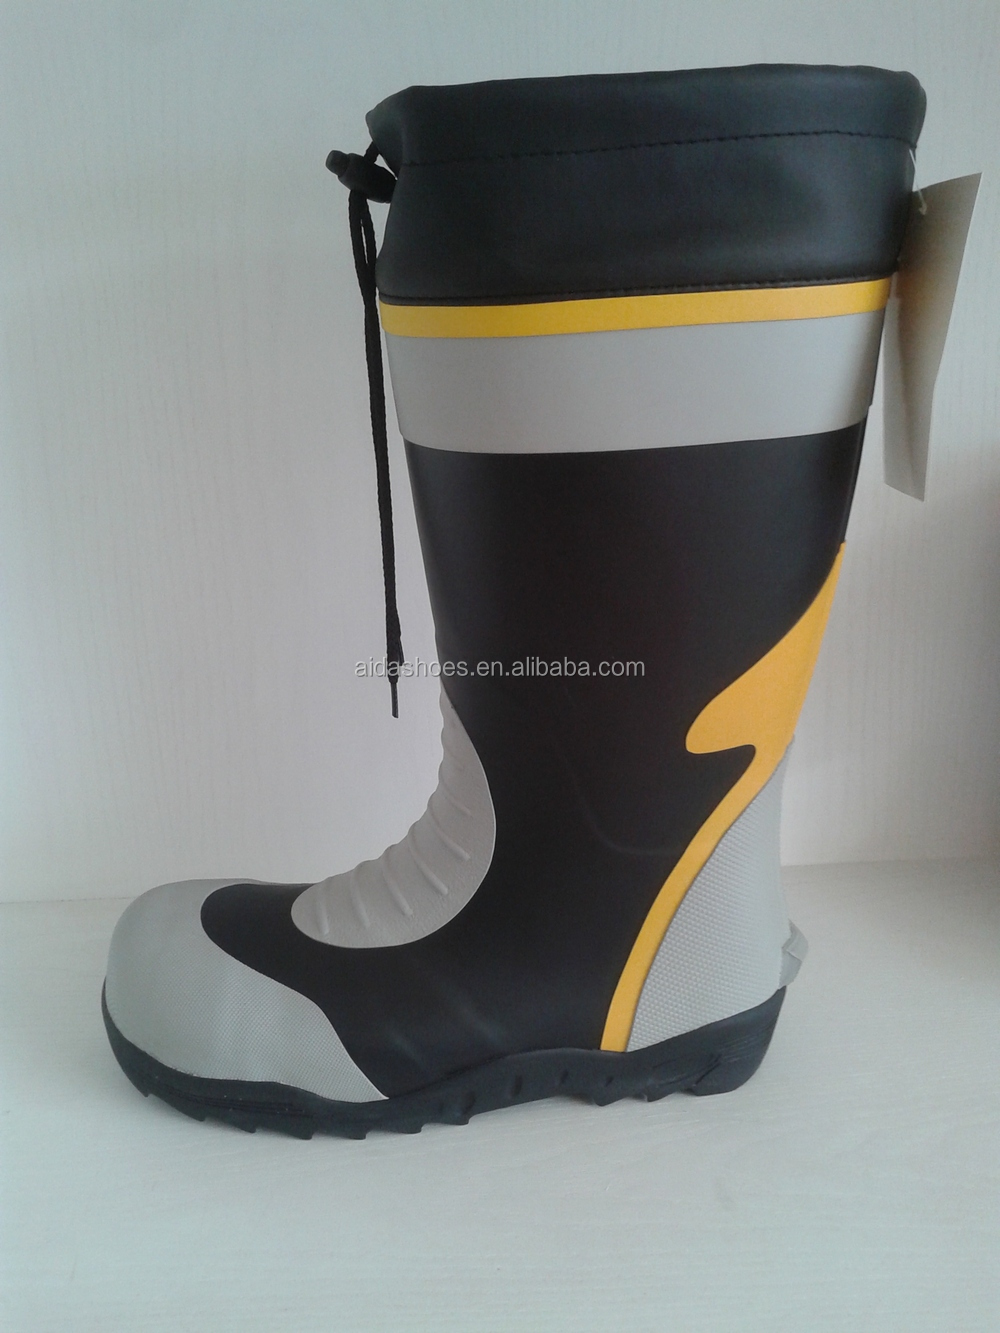 Long cut men cuff rubber fishing boots buy fishing boots for Rubber fishing boots